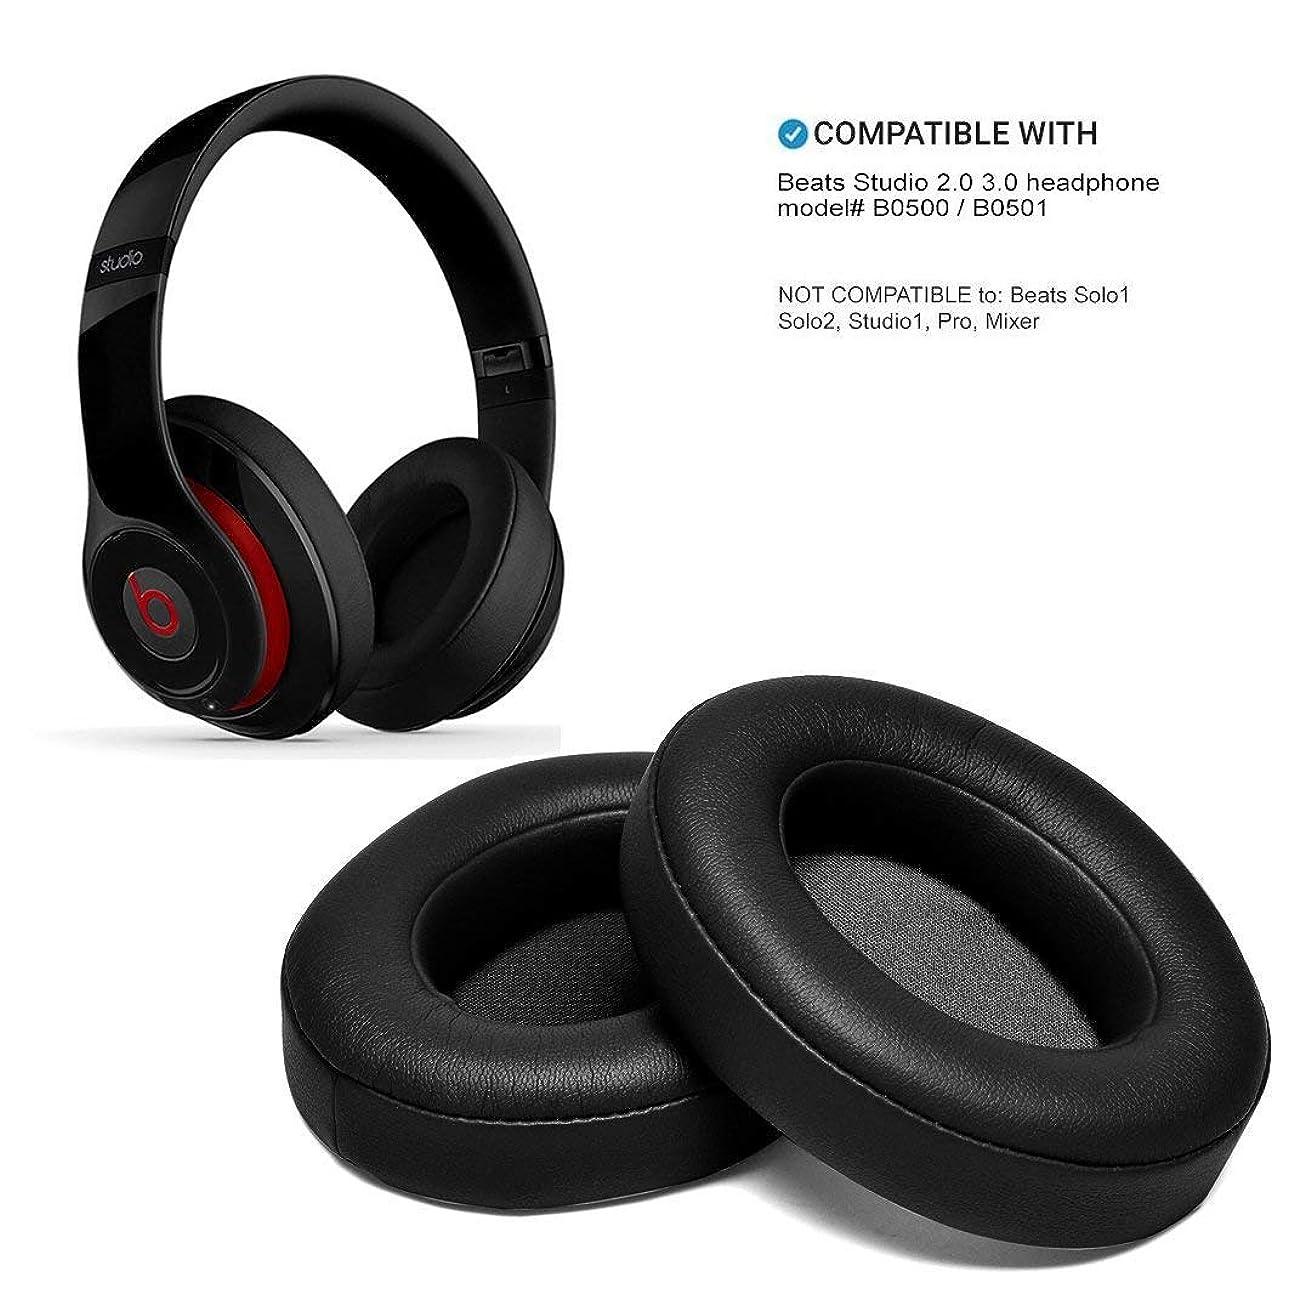 電気一元化するキャッチAGPtEK イヤーパッド 交換用イヤークッションStudio 2.0 Wired/Wireless B0500 / B0501 & Beats Studio 3.0 対応 音漏れ防止 外音遮断 取り付け簡単 粘着力が強くて 装着感がいい 耐用 柔軟[黒]